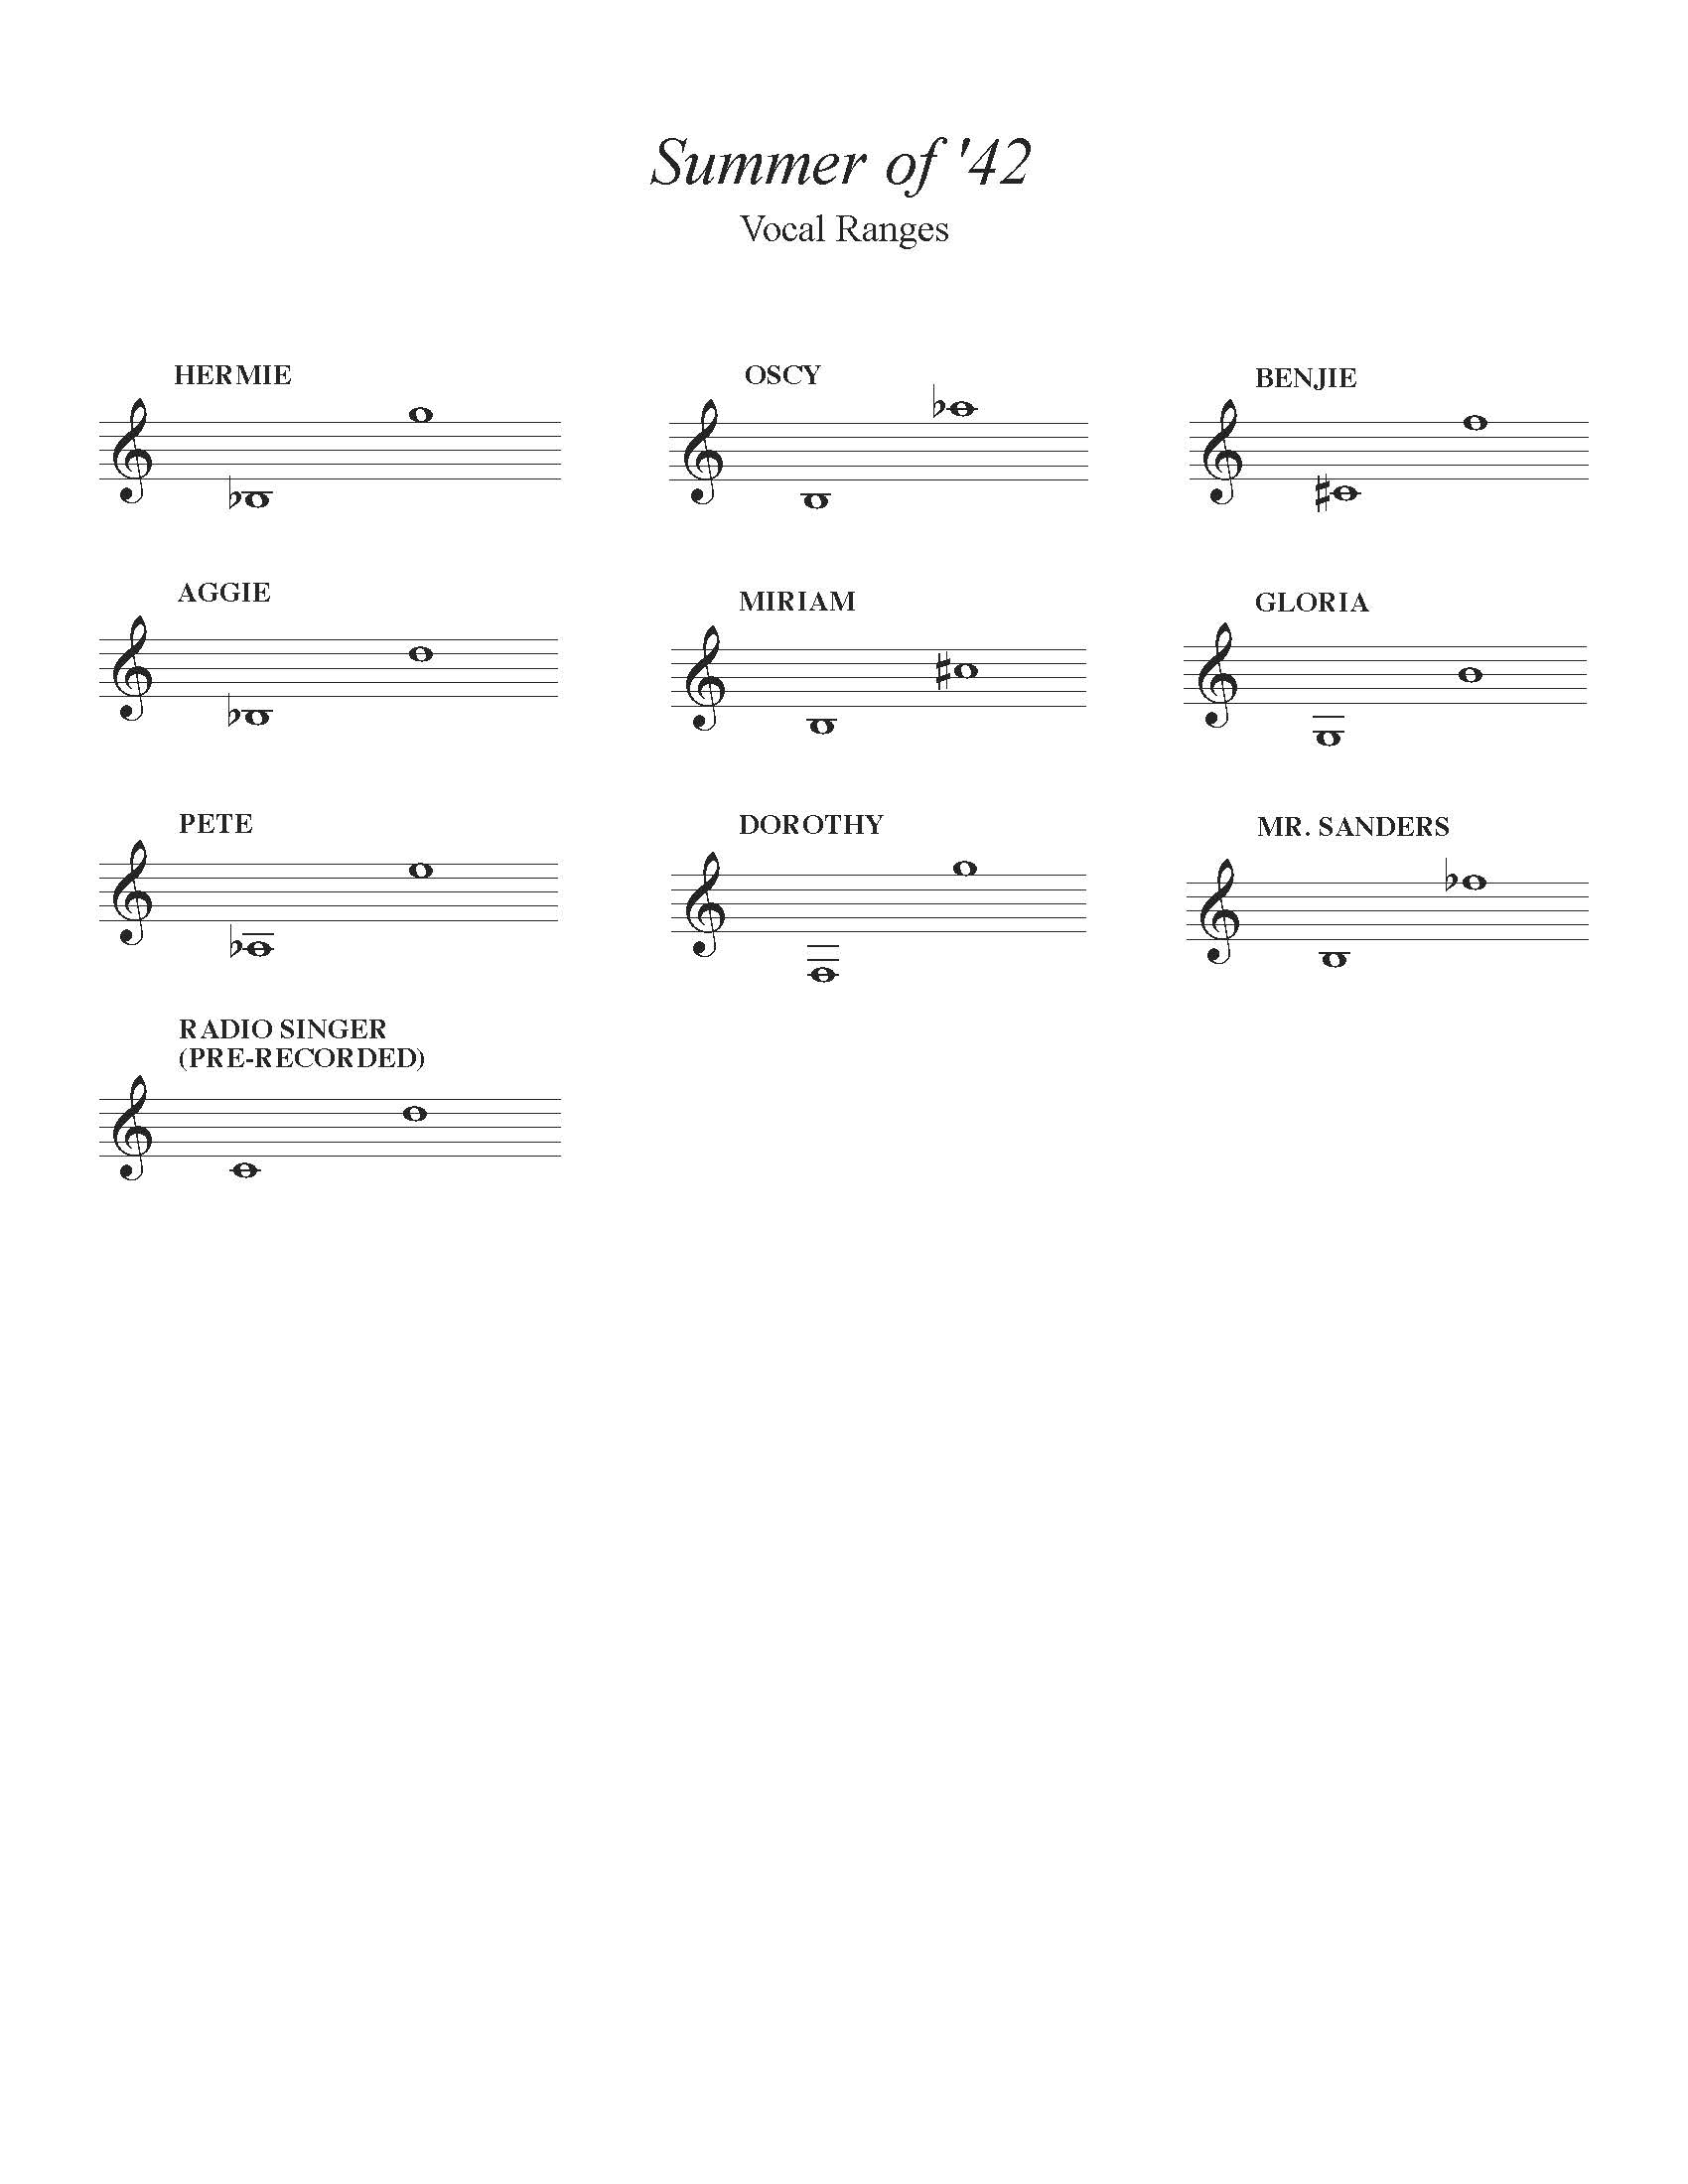 Summer of '42 Vocal Ranges